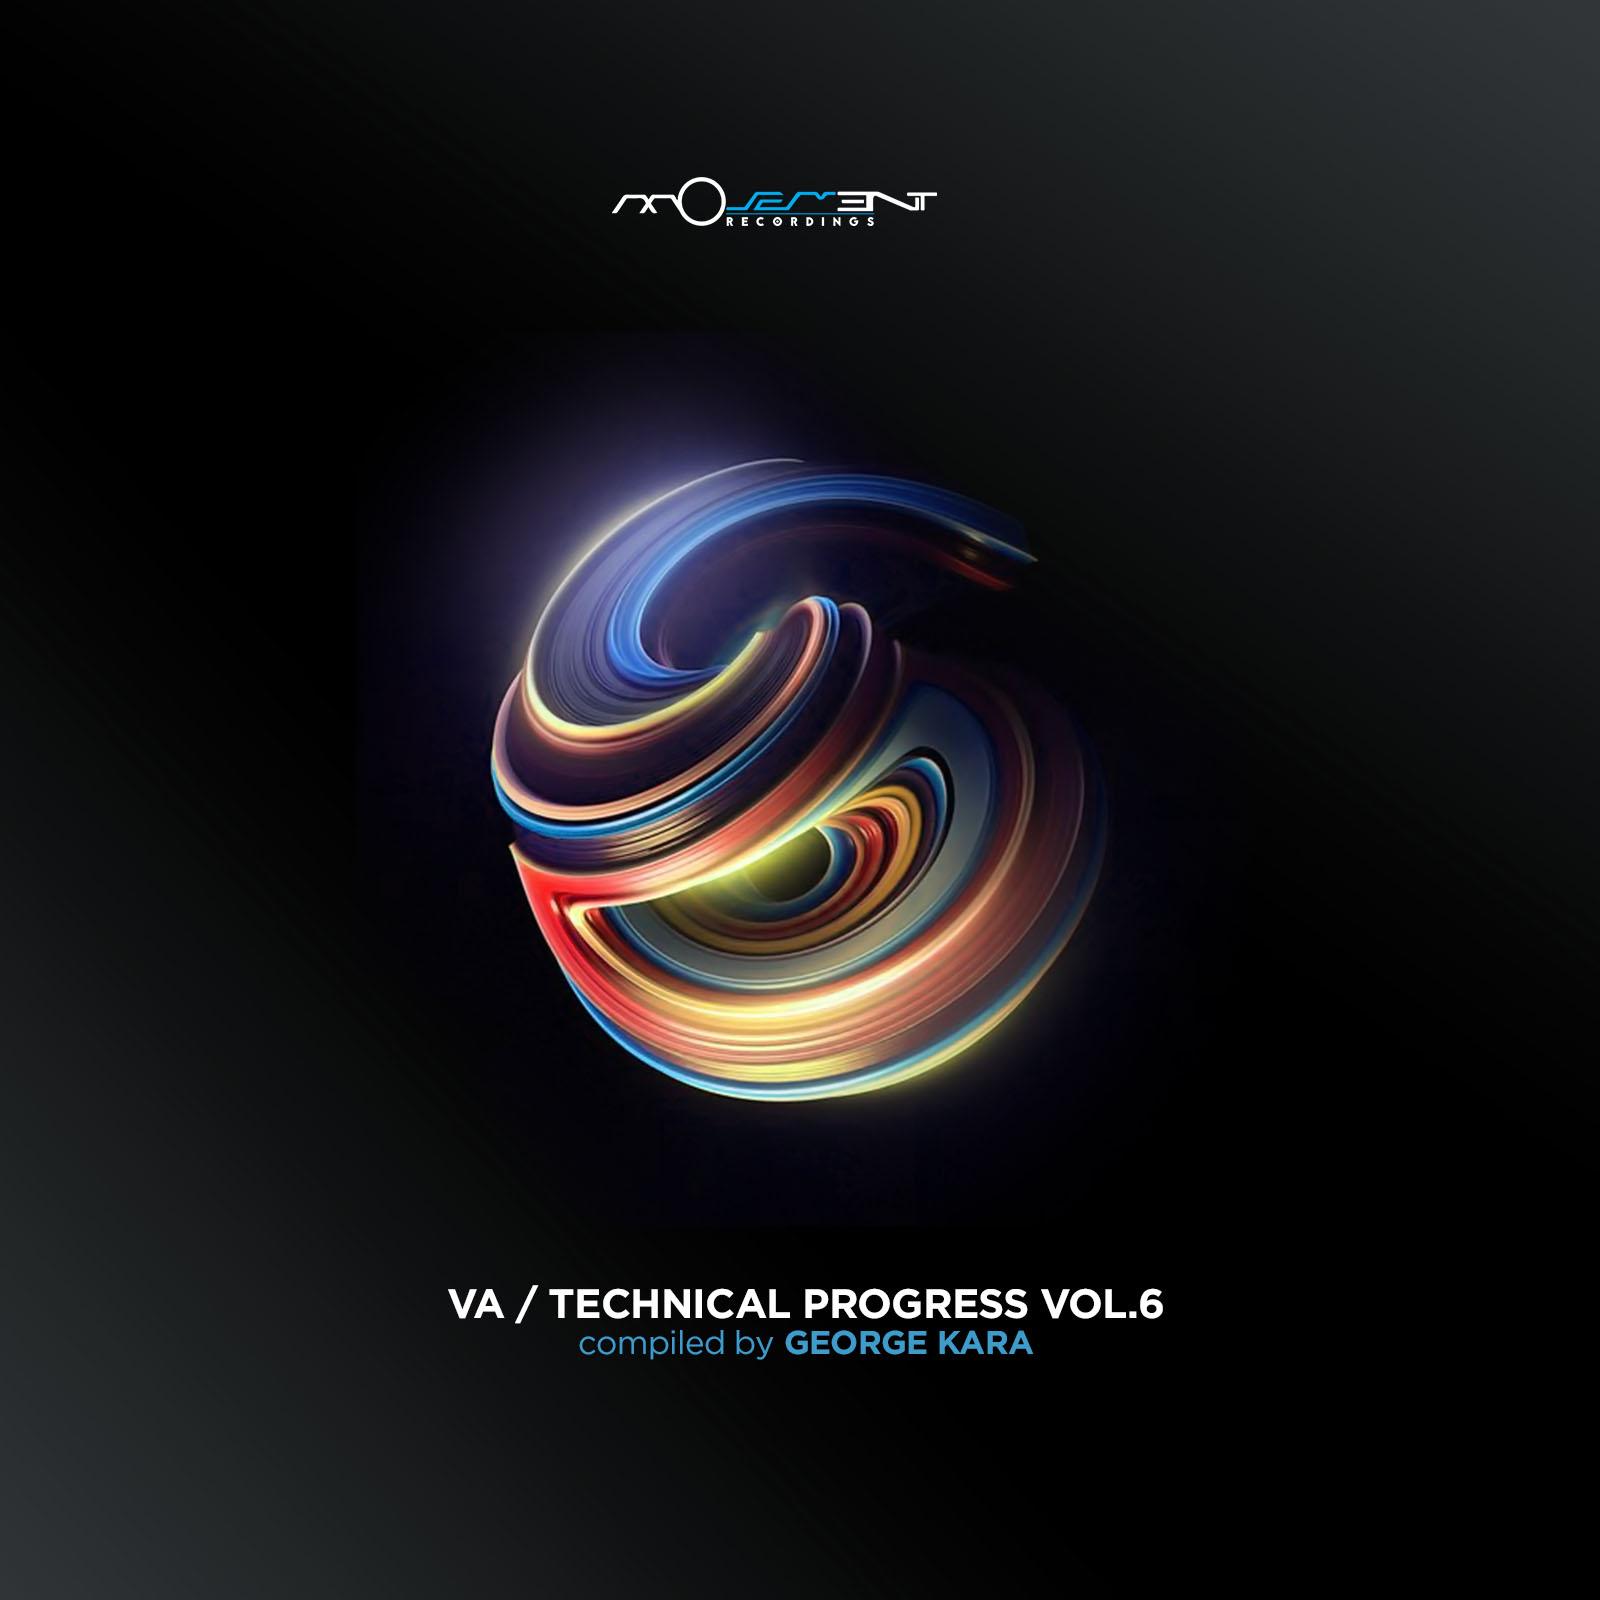 VA - Technical Progress vol.6